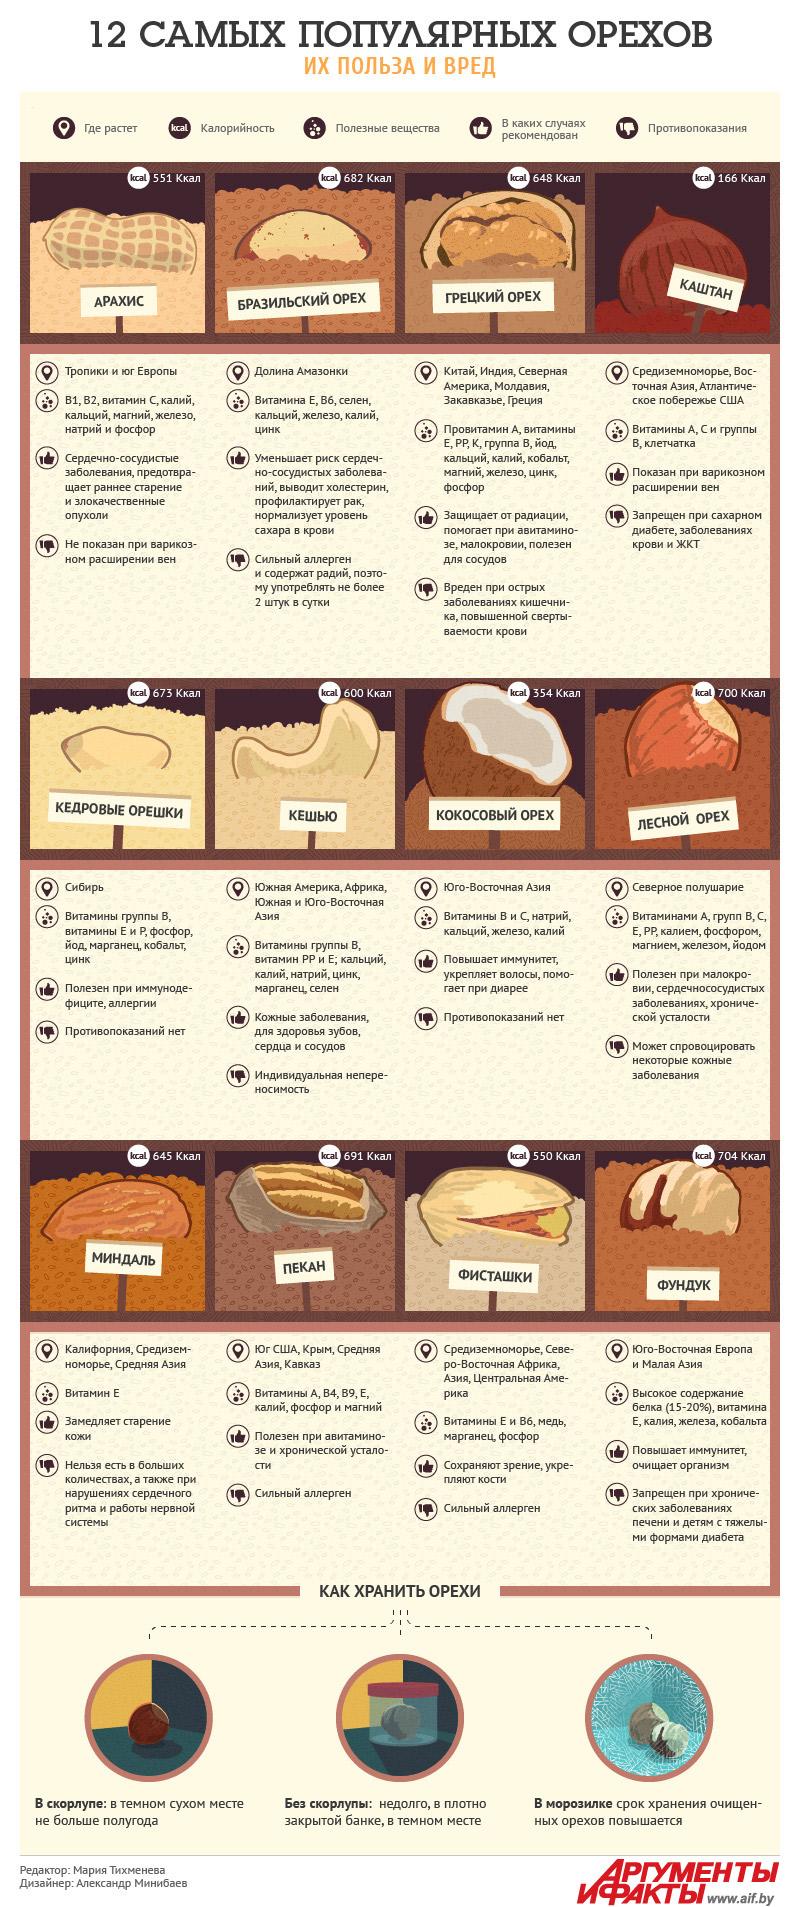 12 самых популярных орехов: их польза и вред. Инфографика